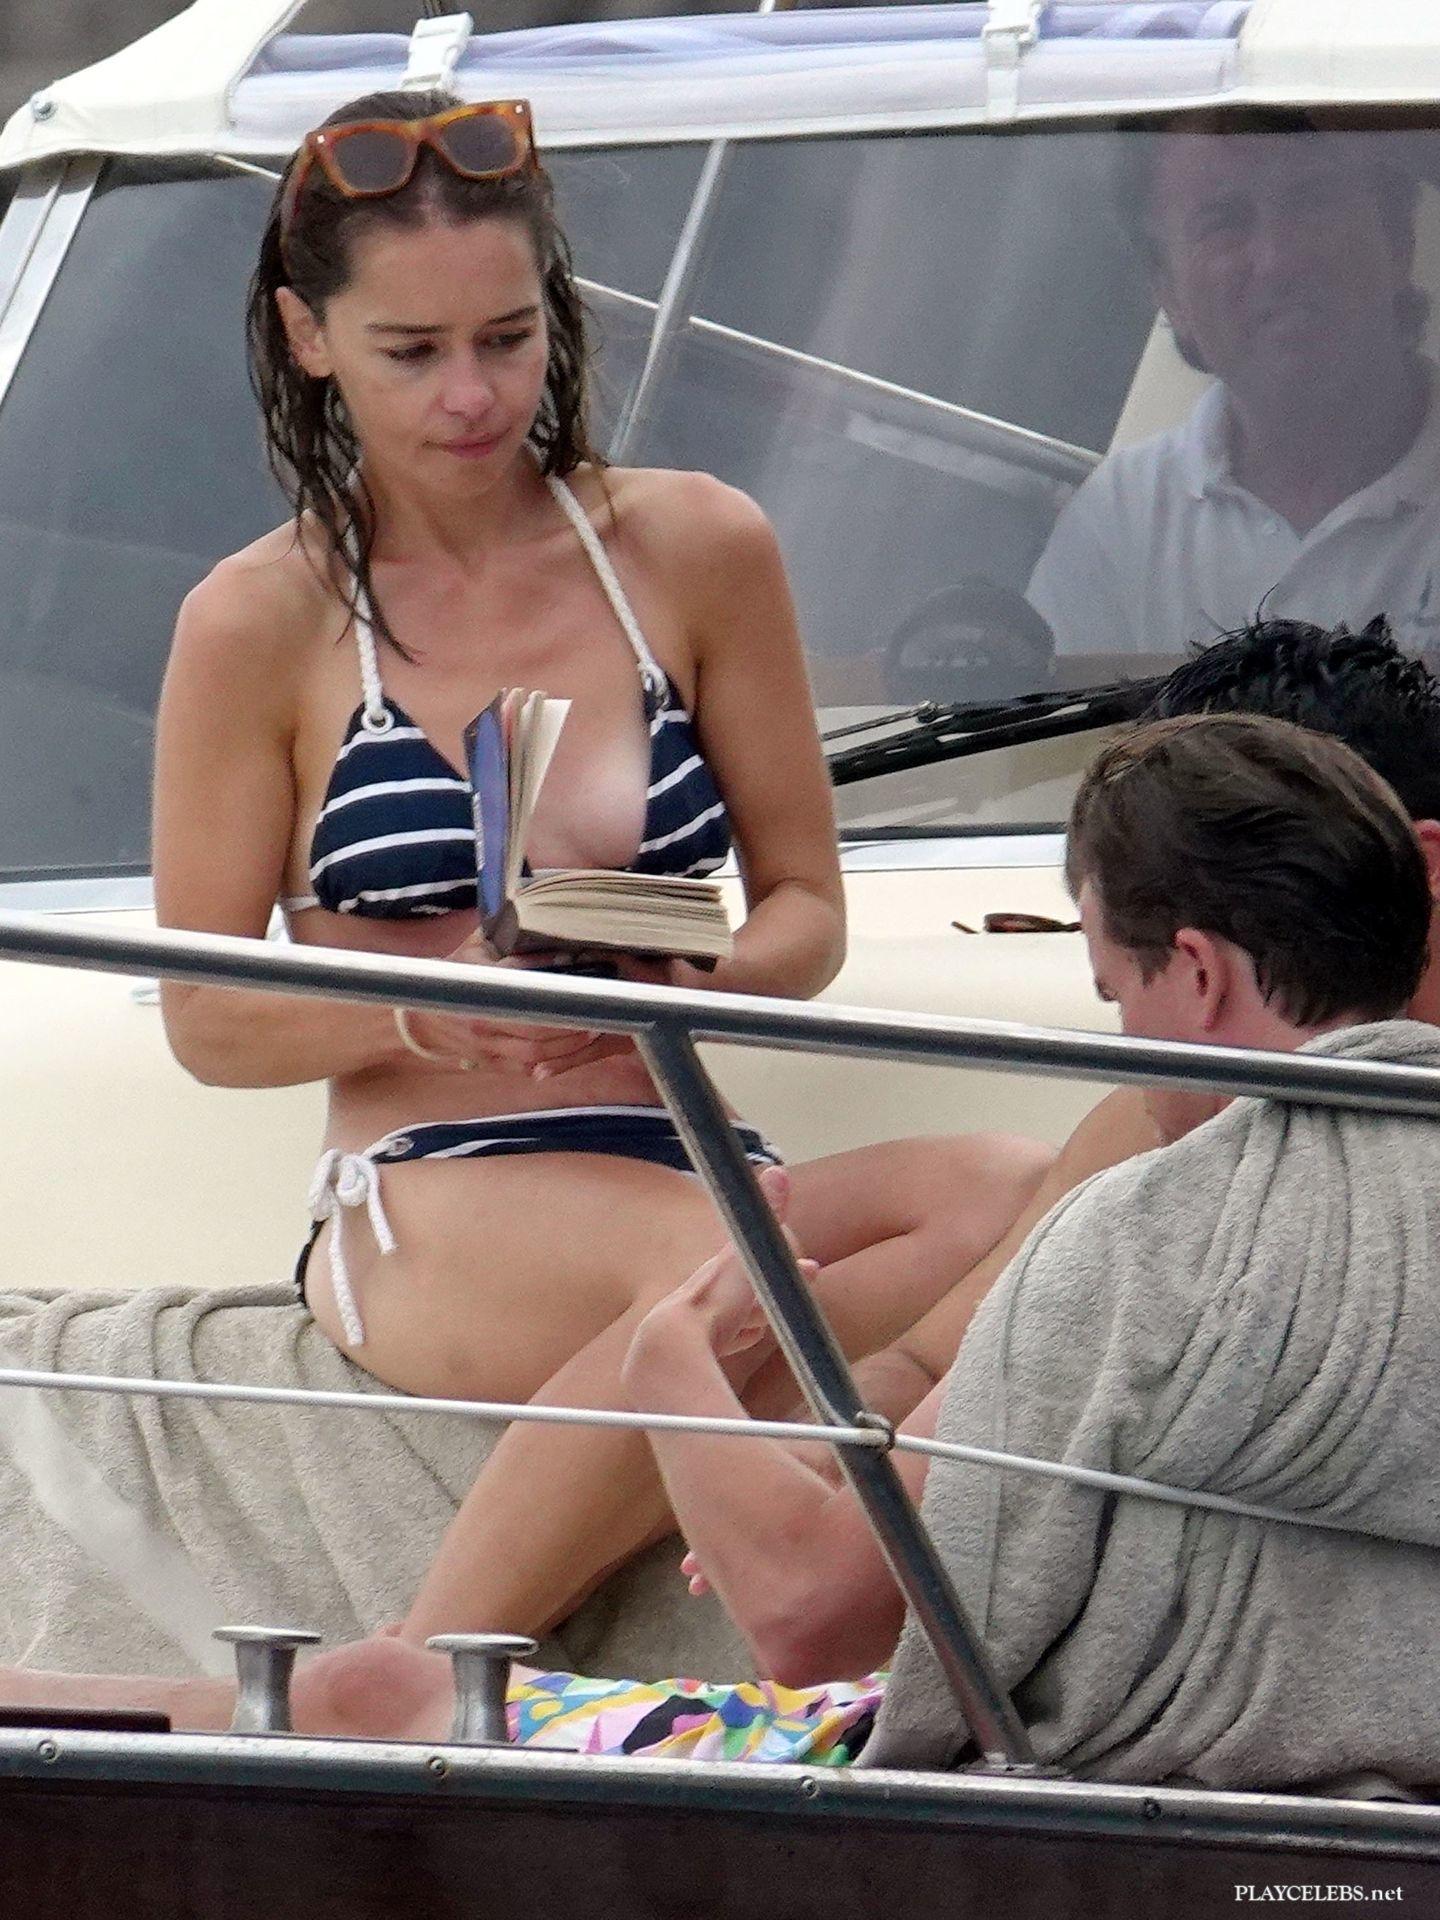 Emilia Clarke Paparazzi Skinny Body Bikini Photos